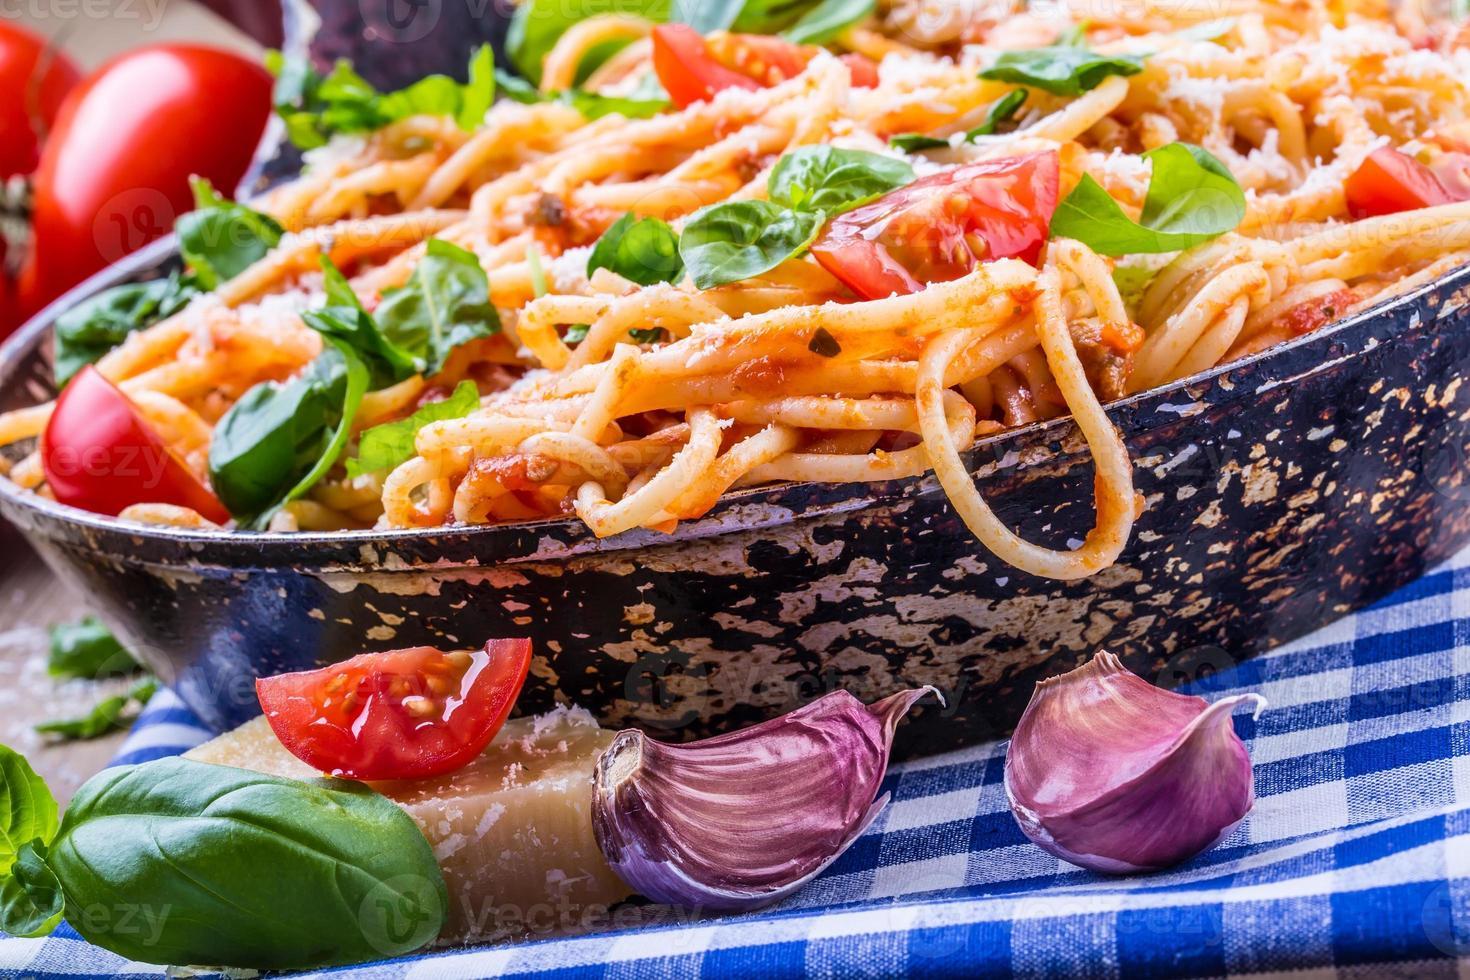 spaghetti à la bolognaise avec tomate sherry et basilic. photo